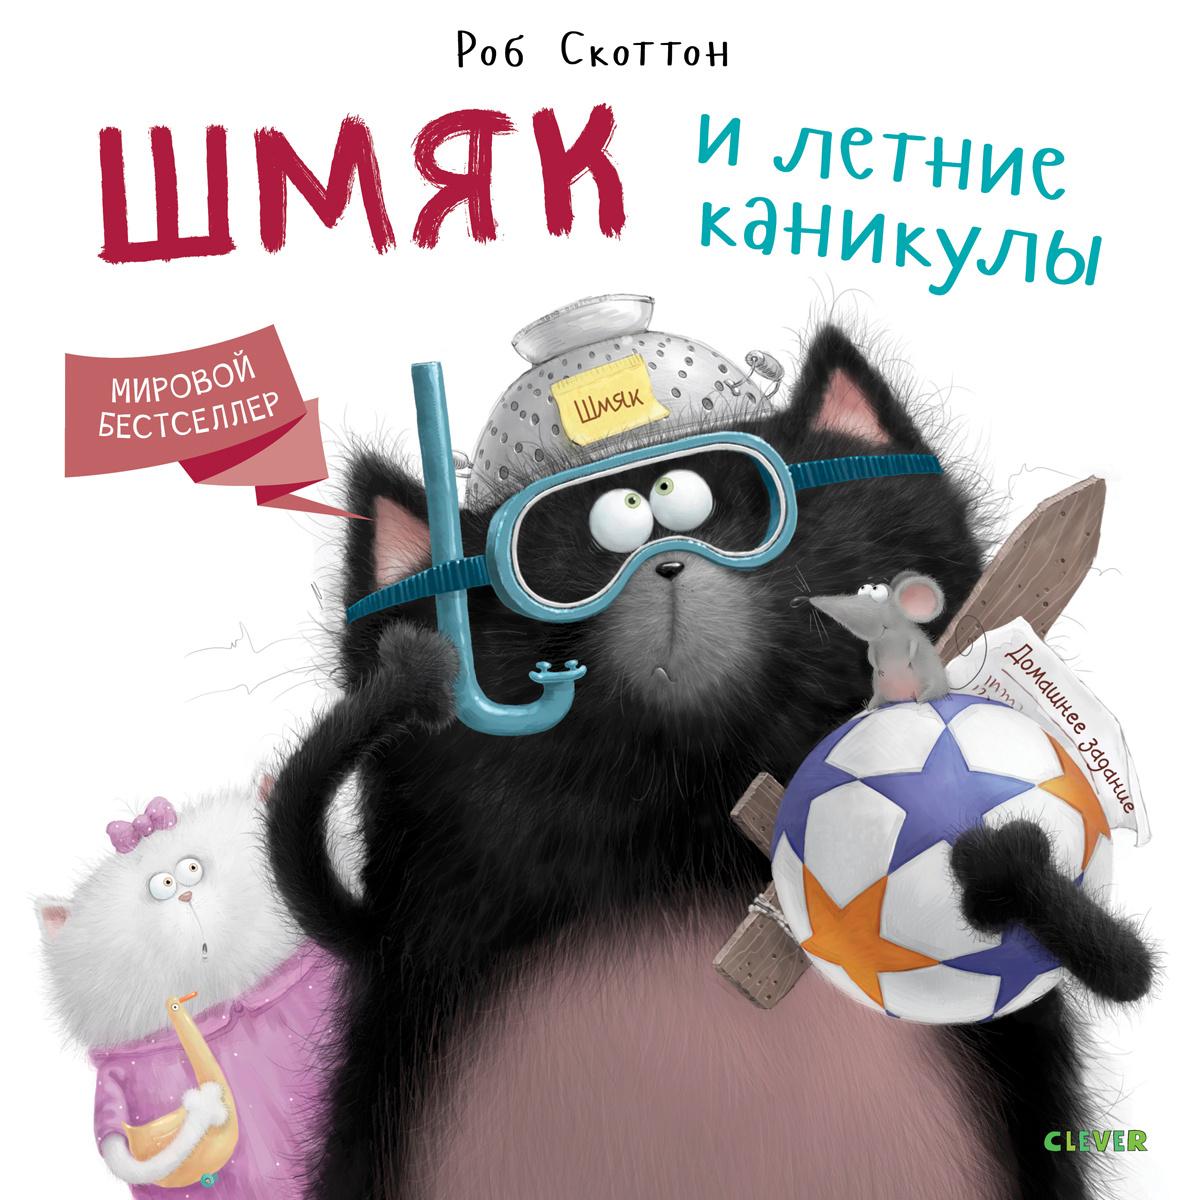 Котенок Шмяк. Шмяк и летние каникулы | Скоттон Роб #1